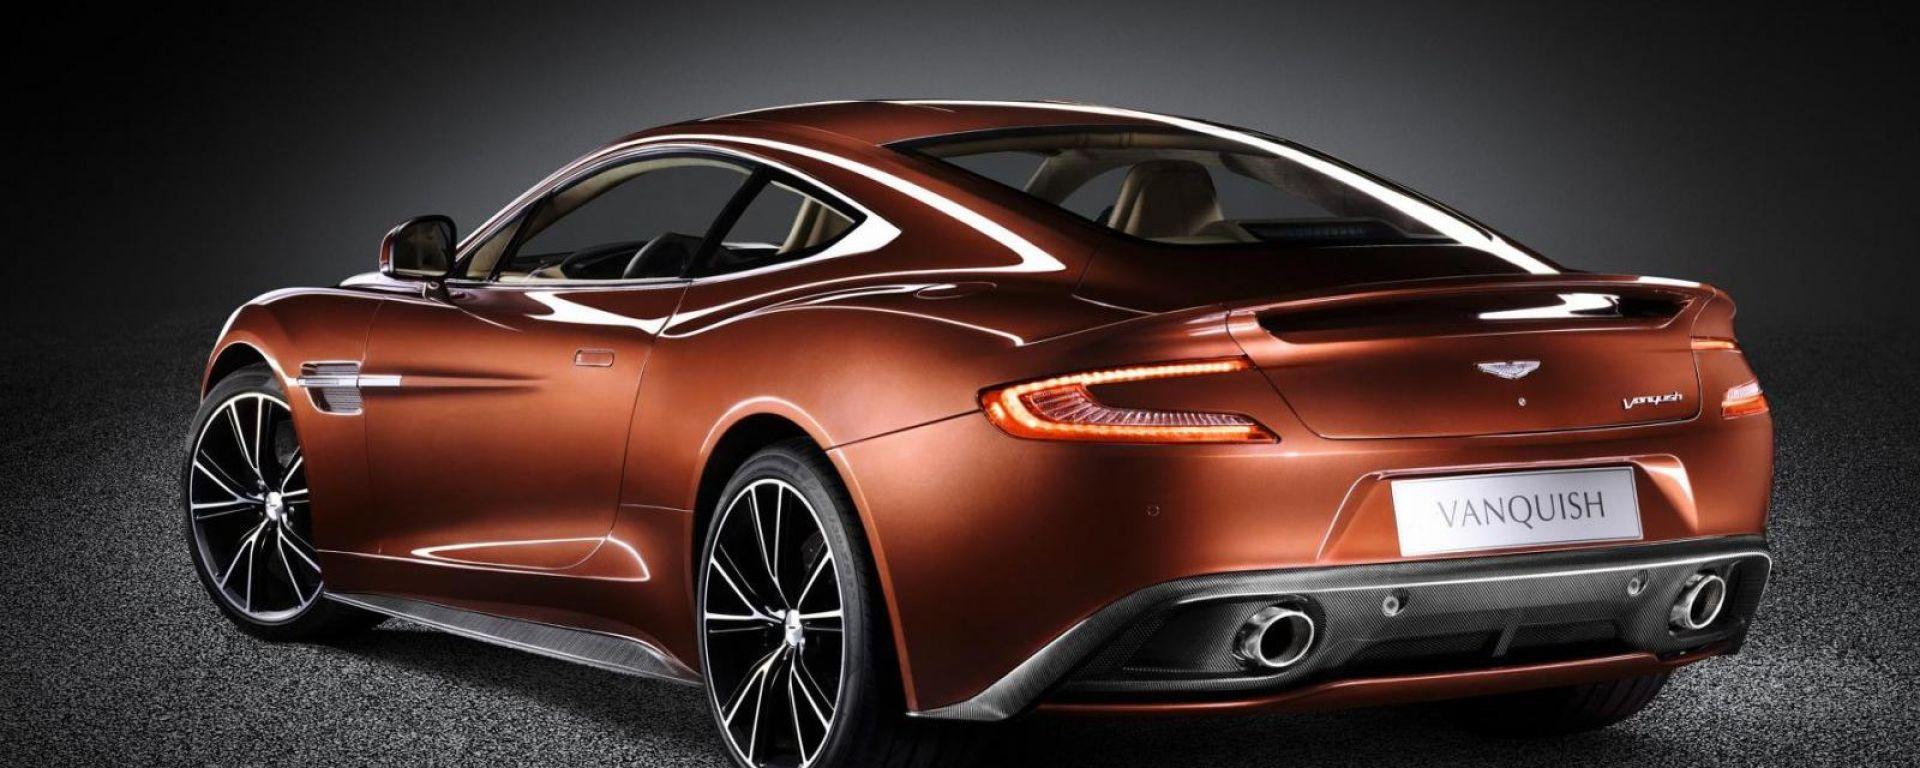 Aston Martin Vanquish 2013: altre foto e video